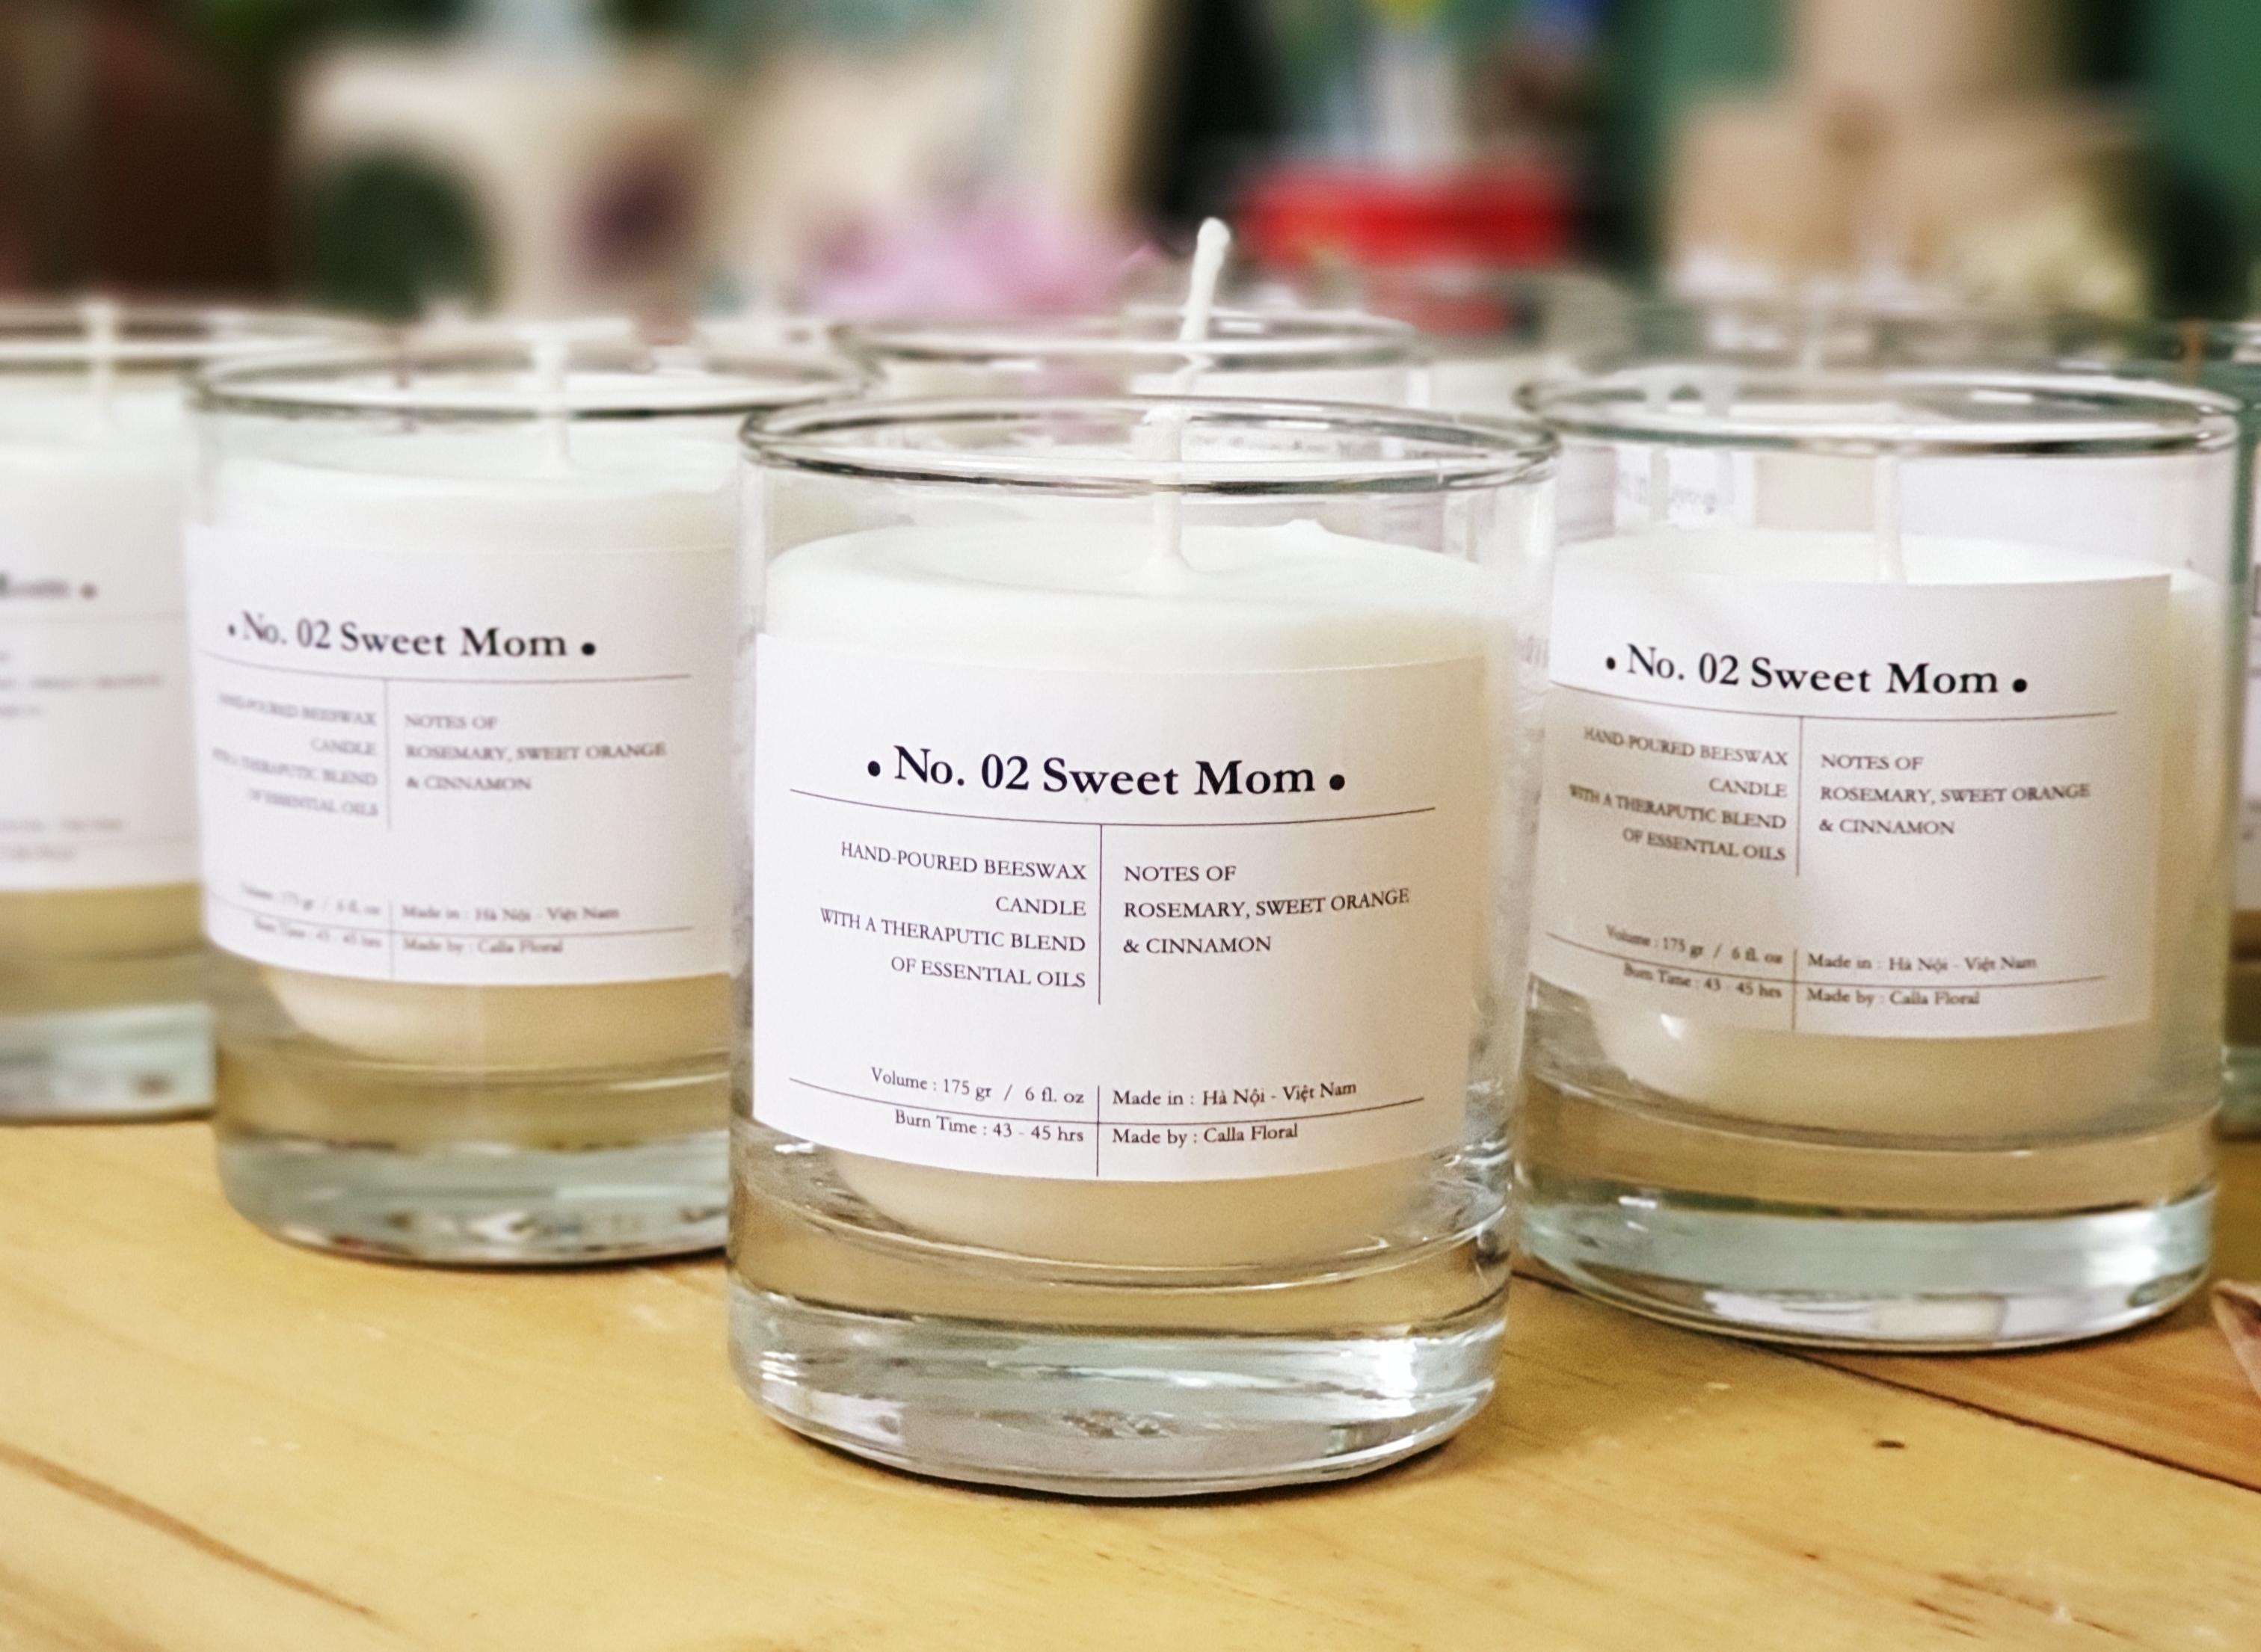 No 02. Sweet Mom - Nến thơm cao cấp bằng sáp ong và hỗn hợp tinh dầu: quế, cam ngọt, hương thảo